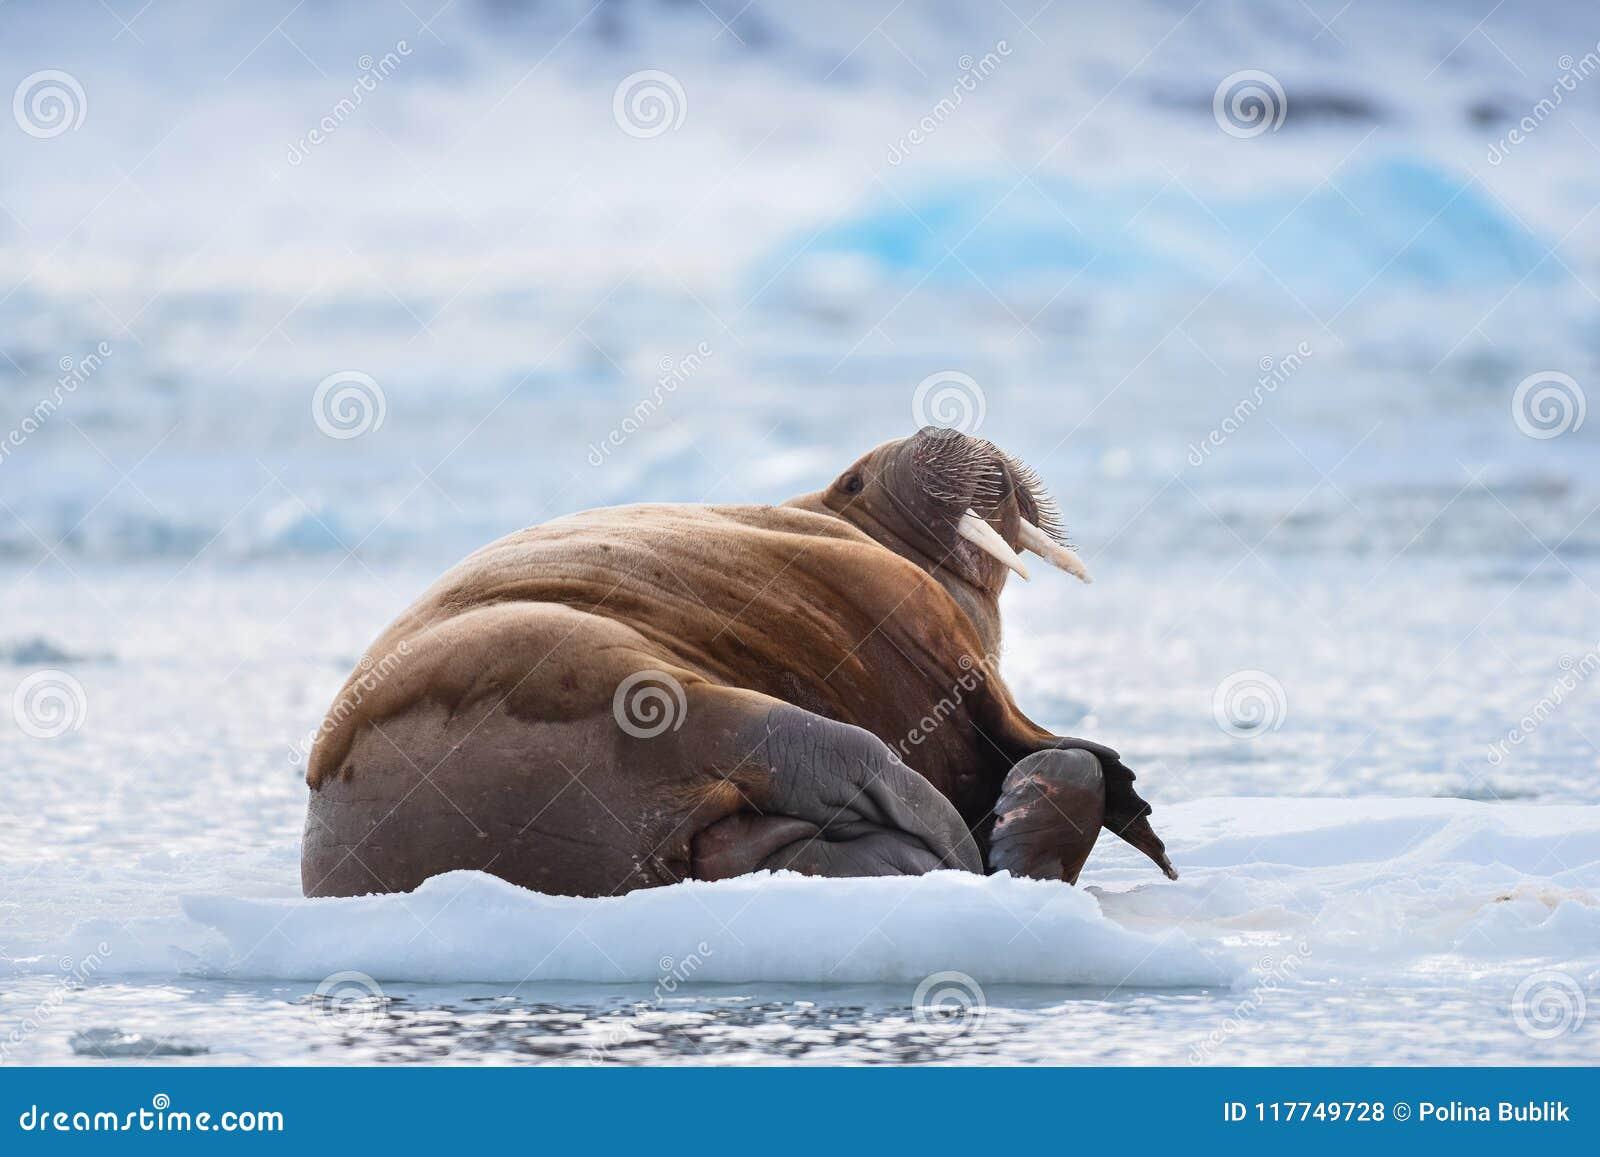 使在卑尔根群岛朗伊尔城斯瓦尔巴特群岛北极冬天阳光天冰川的自然海象环境美化